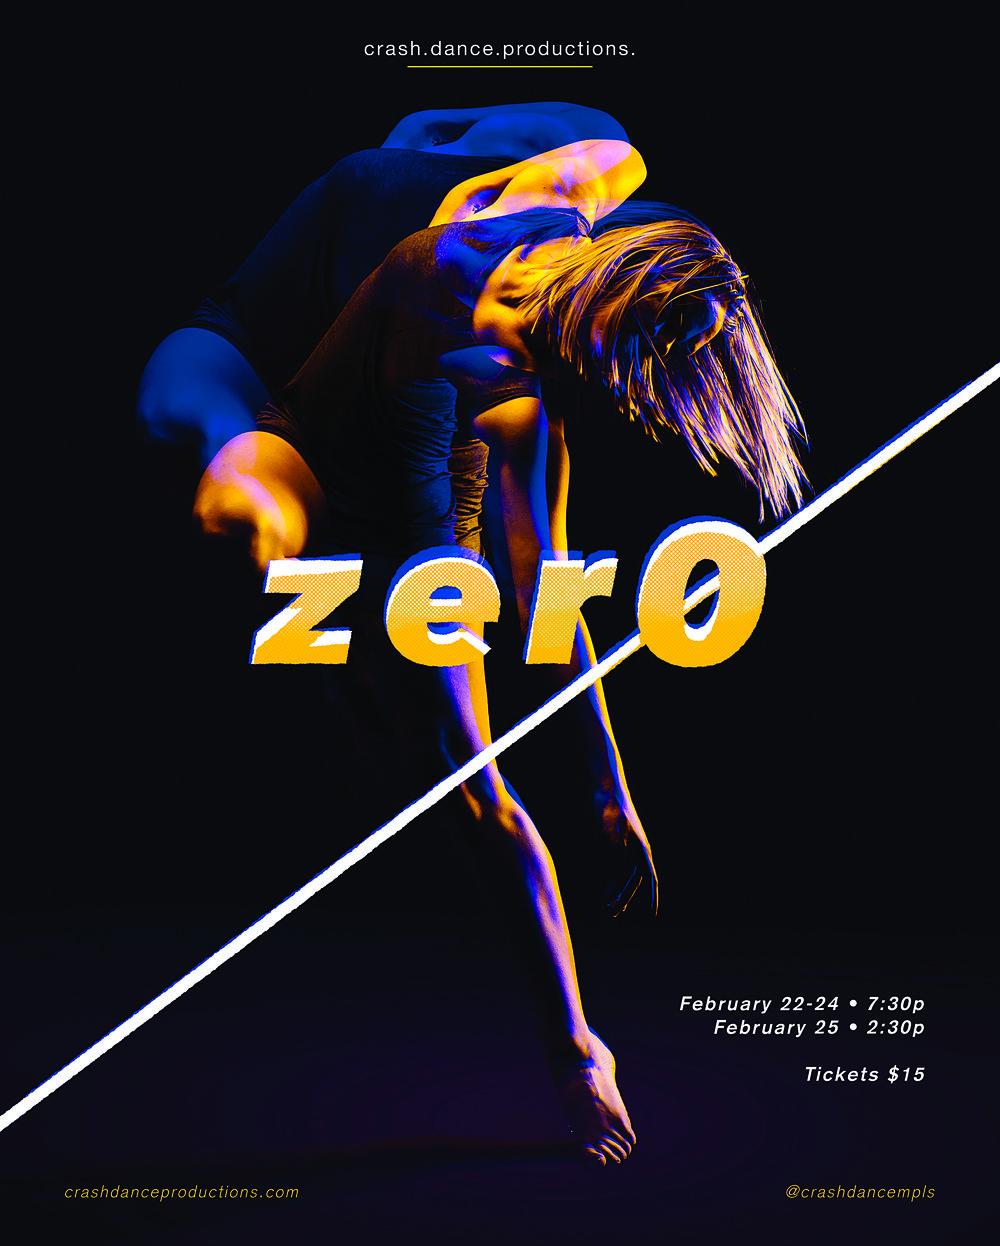 zer0_lab16x20.jpg